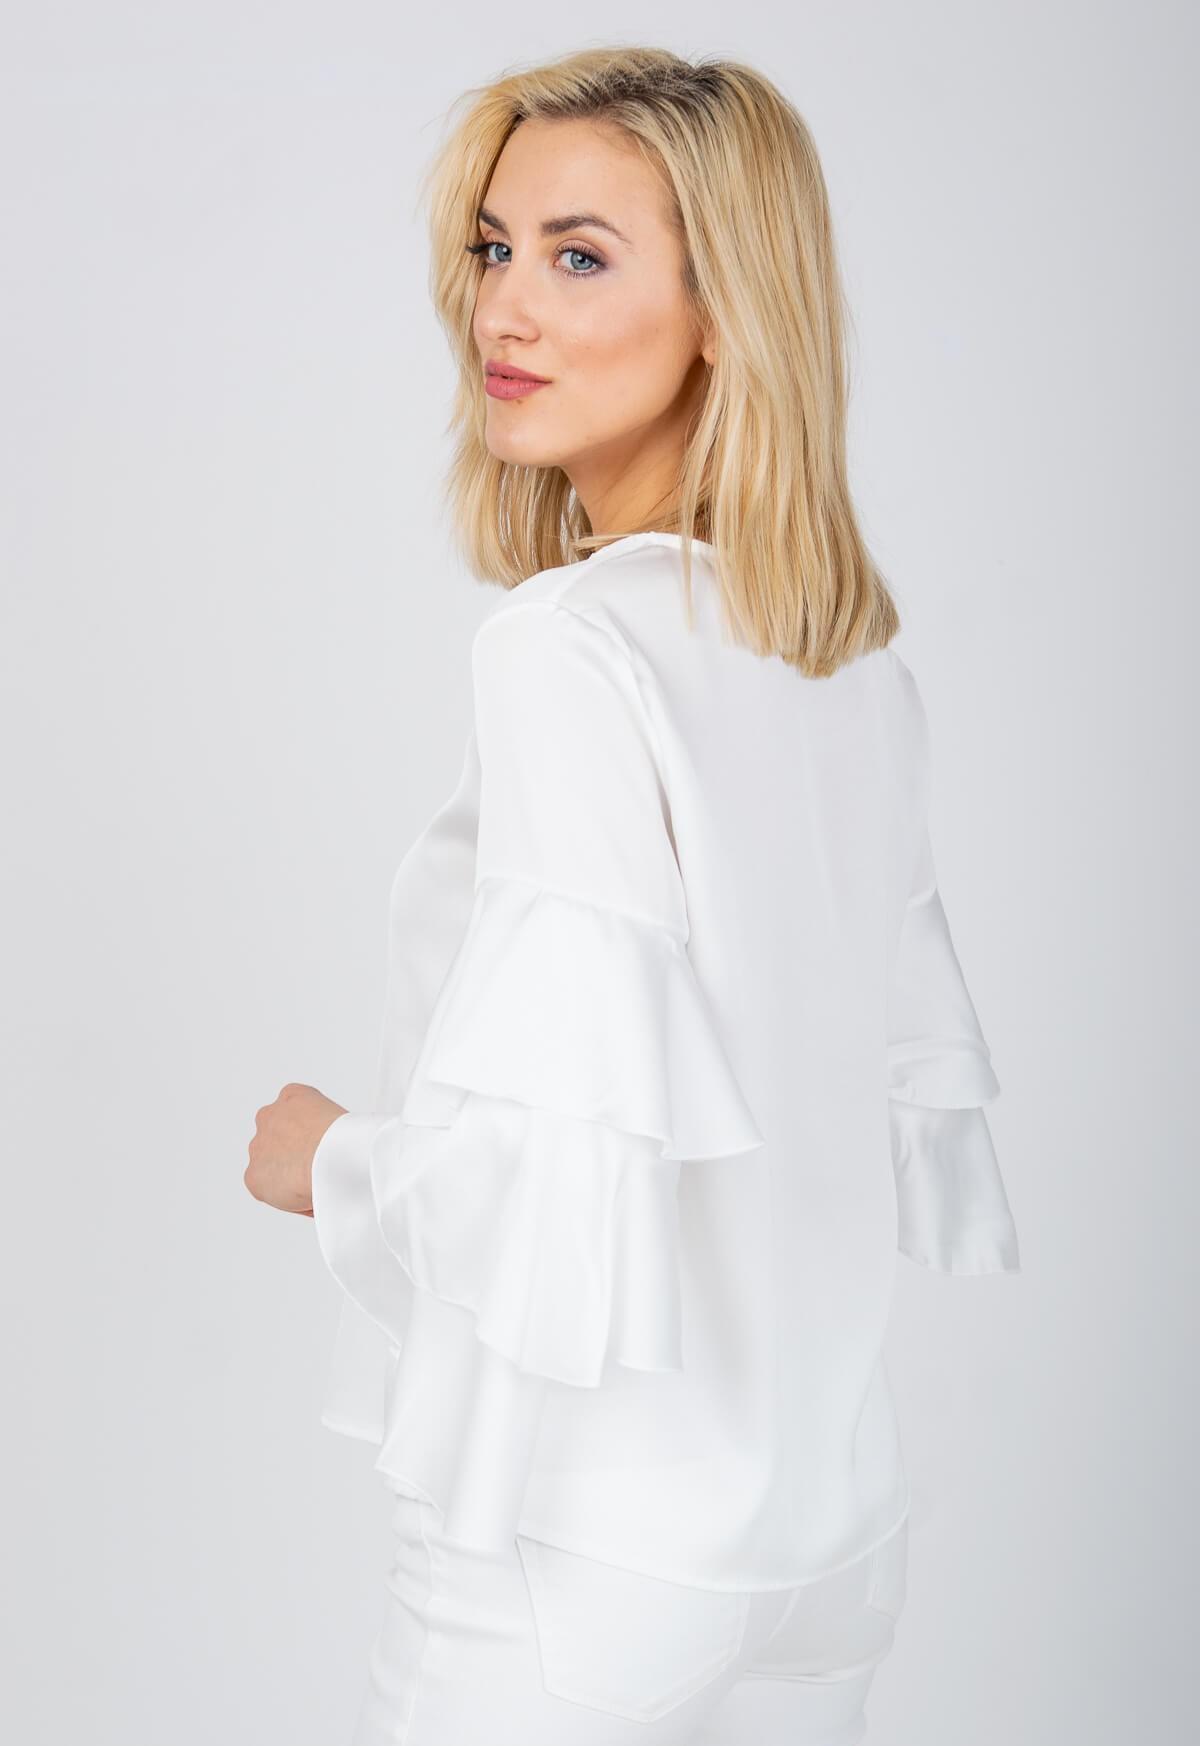 2309aff3a41f Elegantná biela blúzka s volánovými rukávmi - ROUZIT.SK